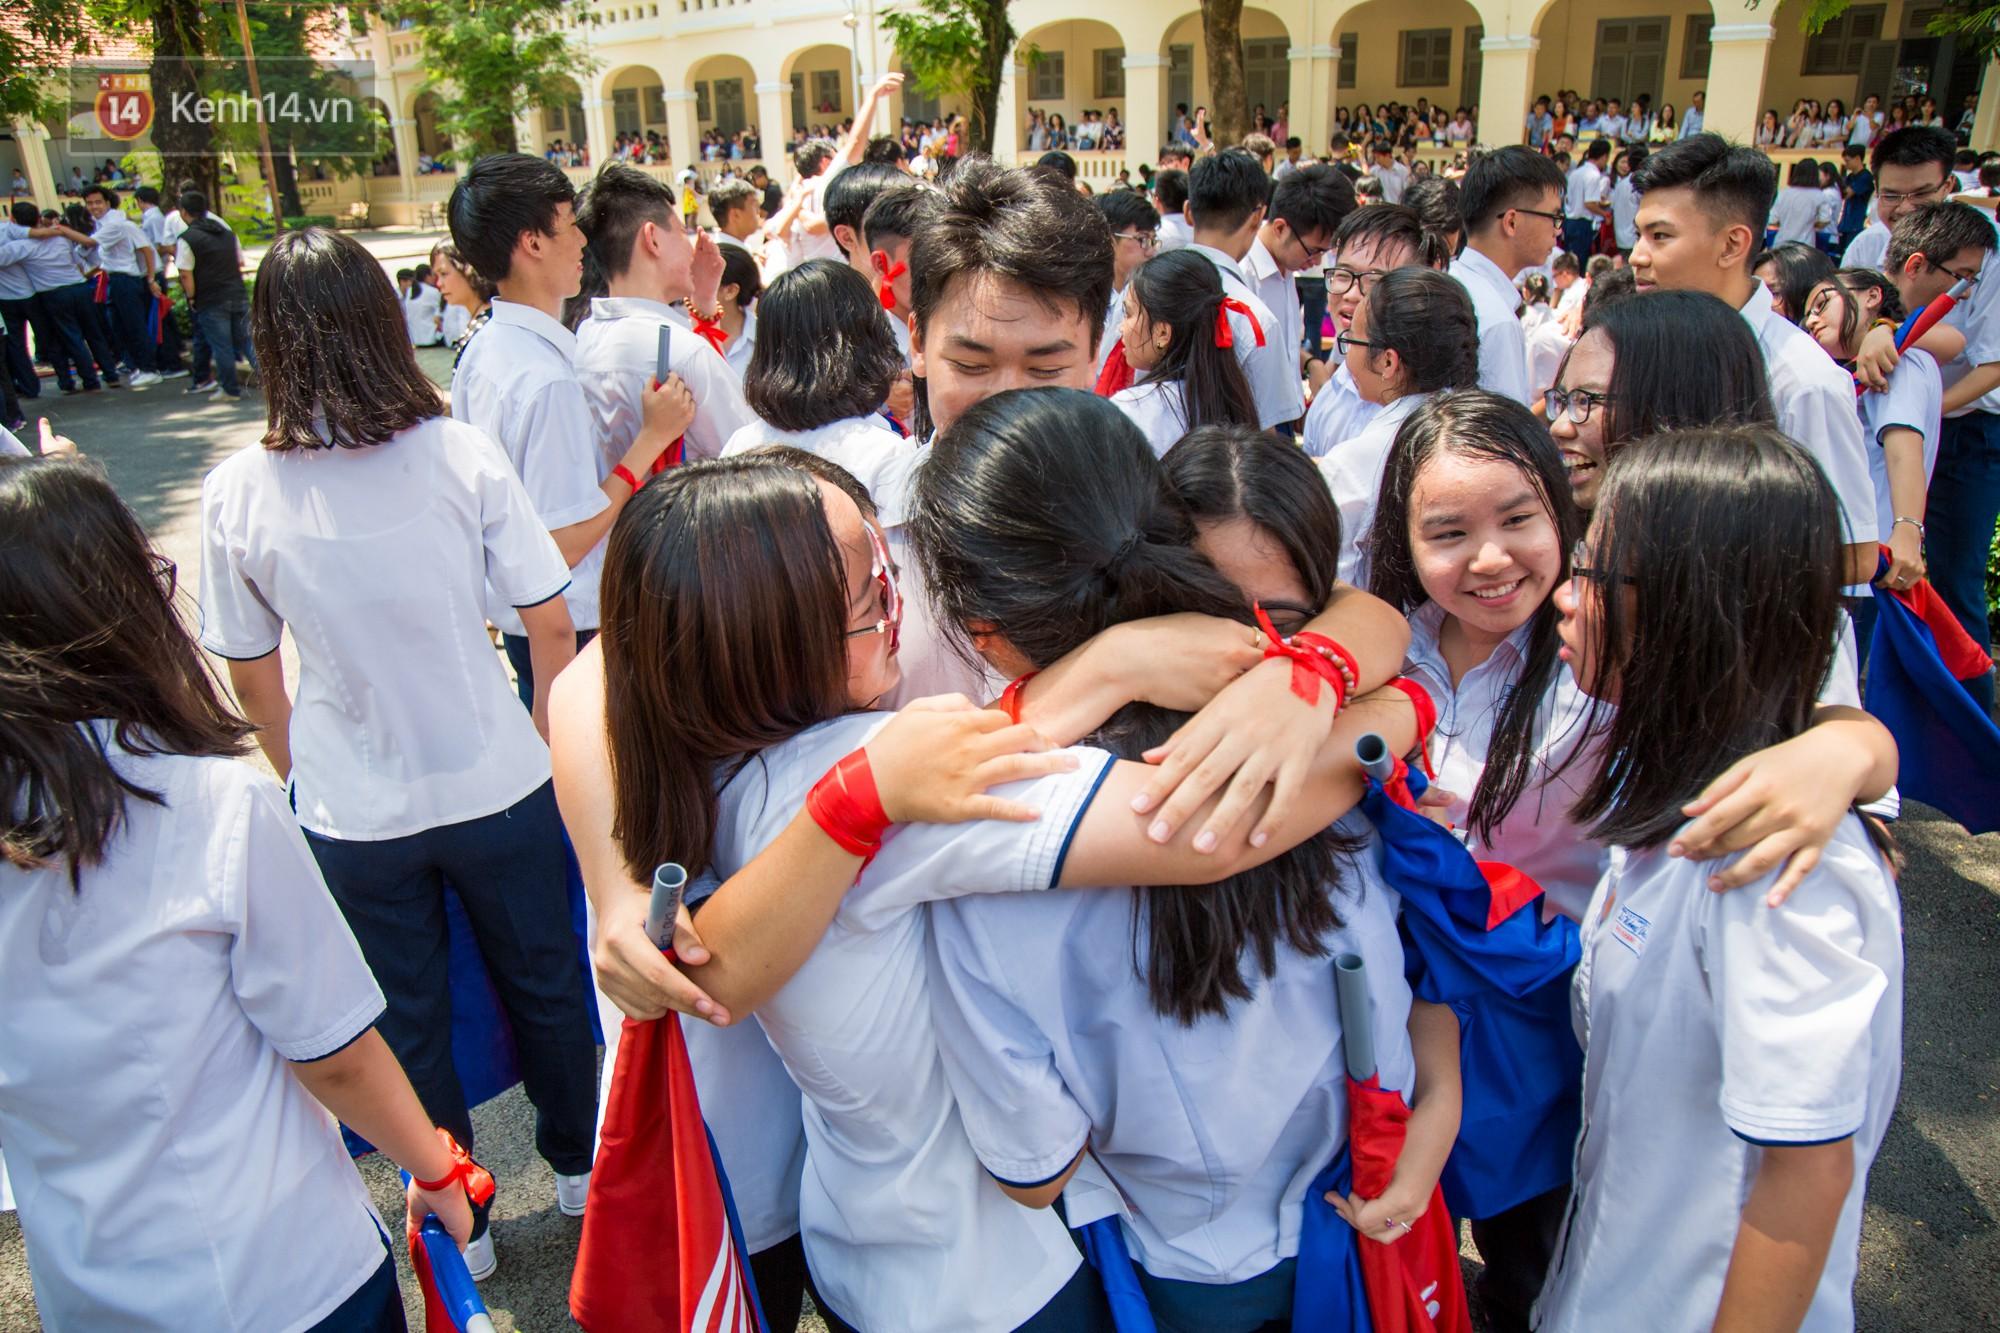 Ngày ra trường của teen Lê Hồng Phong: Nụ cười và nước mắt, bạn tôi ơi xin bên nhau thêm chút nữa!-17